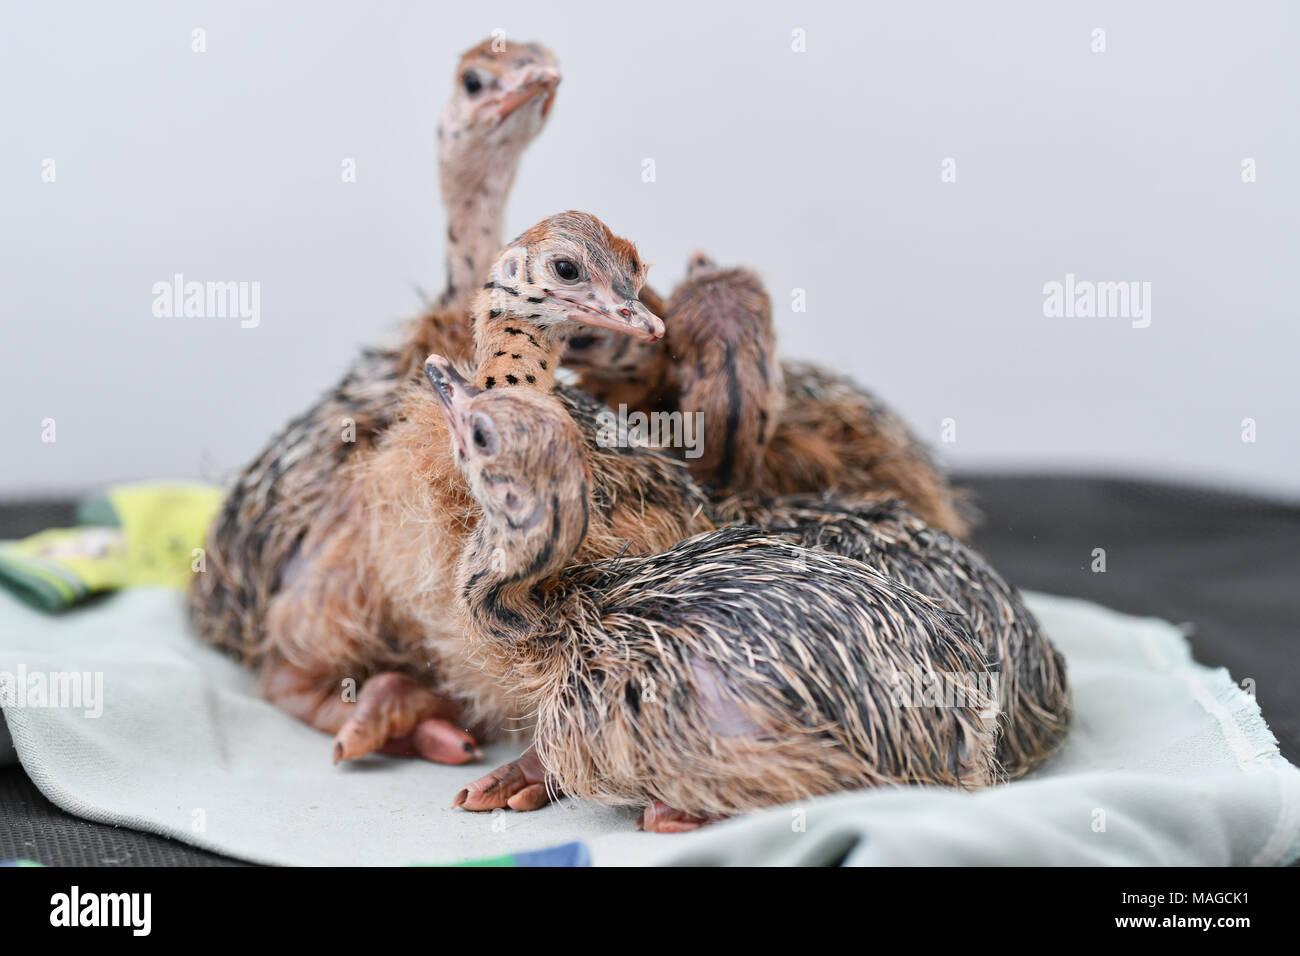 """30 März 2018, Deutschland, Ruelzheim: Baby strauße der Unterarten blue-necked Strauß in der Rasse von der straußenfarm """"Hou"""". Foto: Uwe Anspach/dpa Stockbild"""